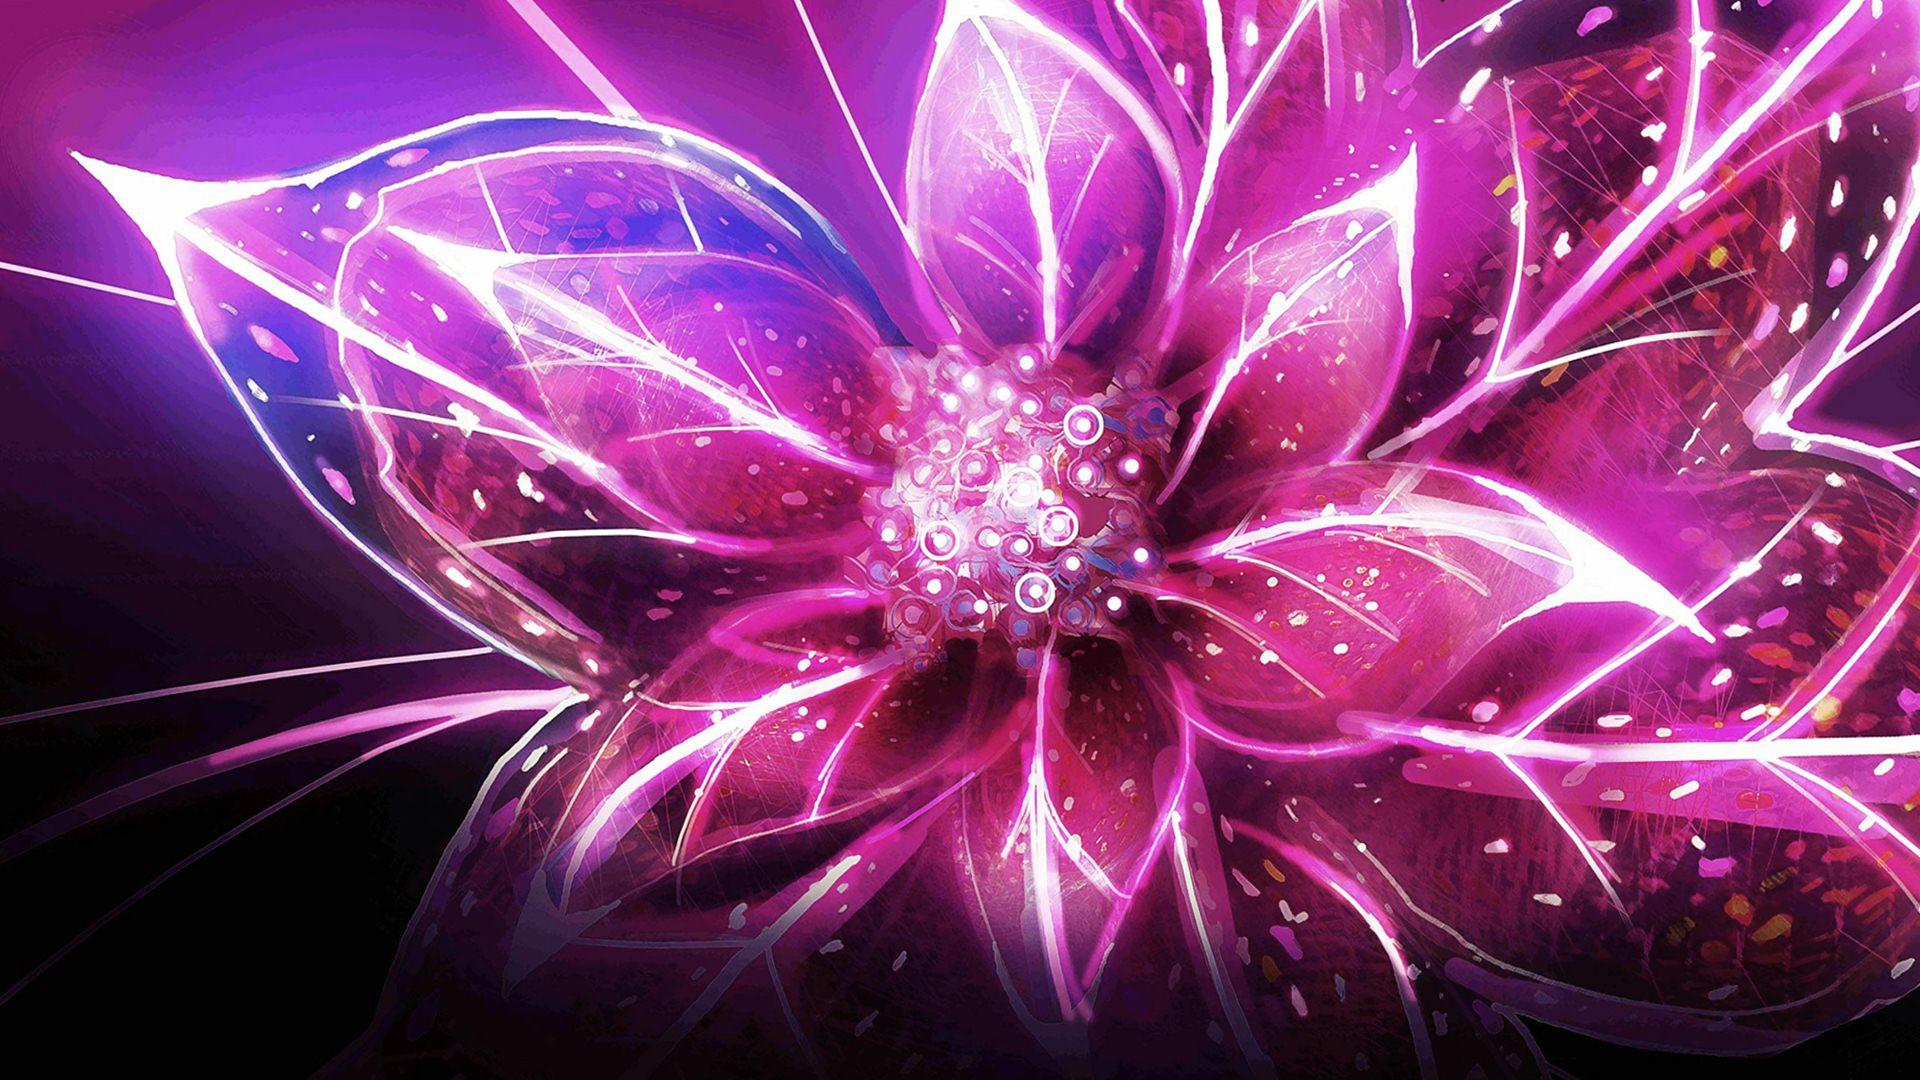 Flowers-3D-Diugital-Purple-Wallpapers.jpg